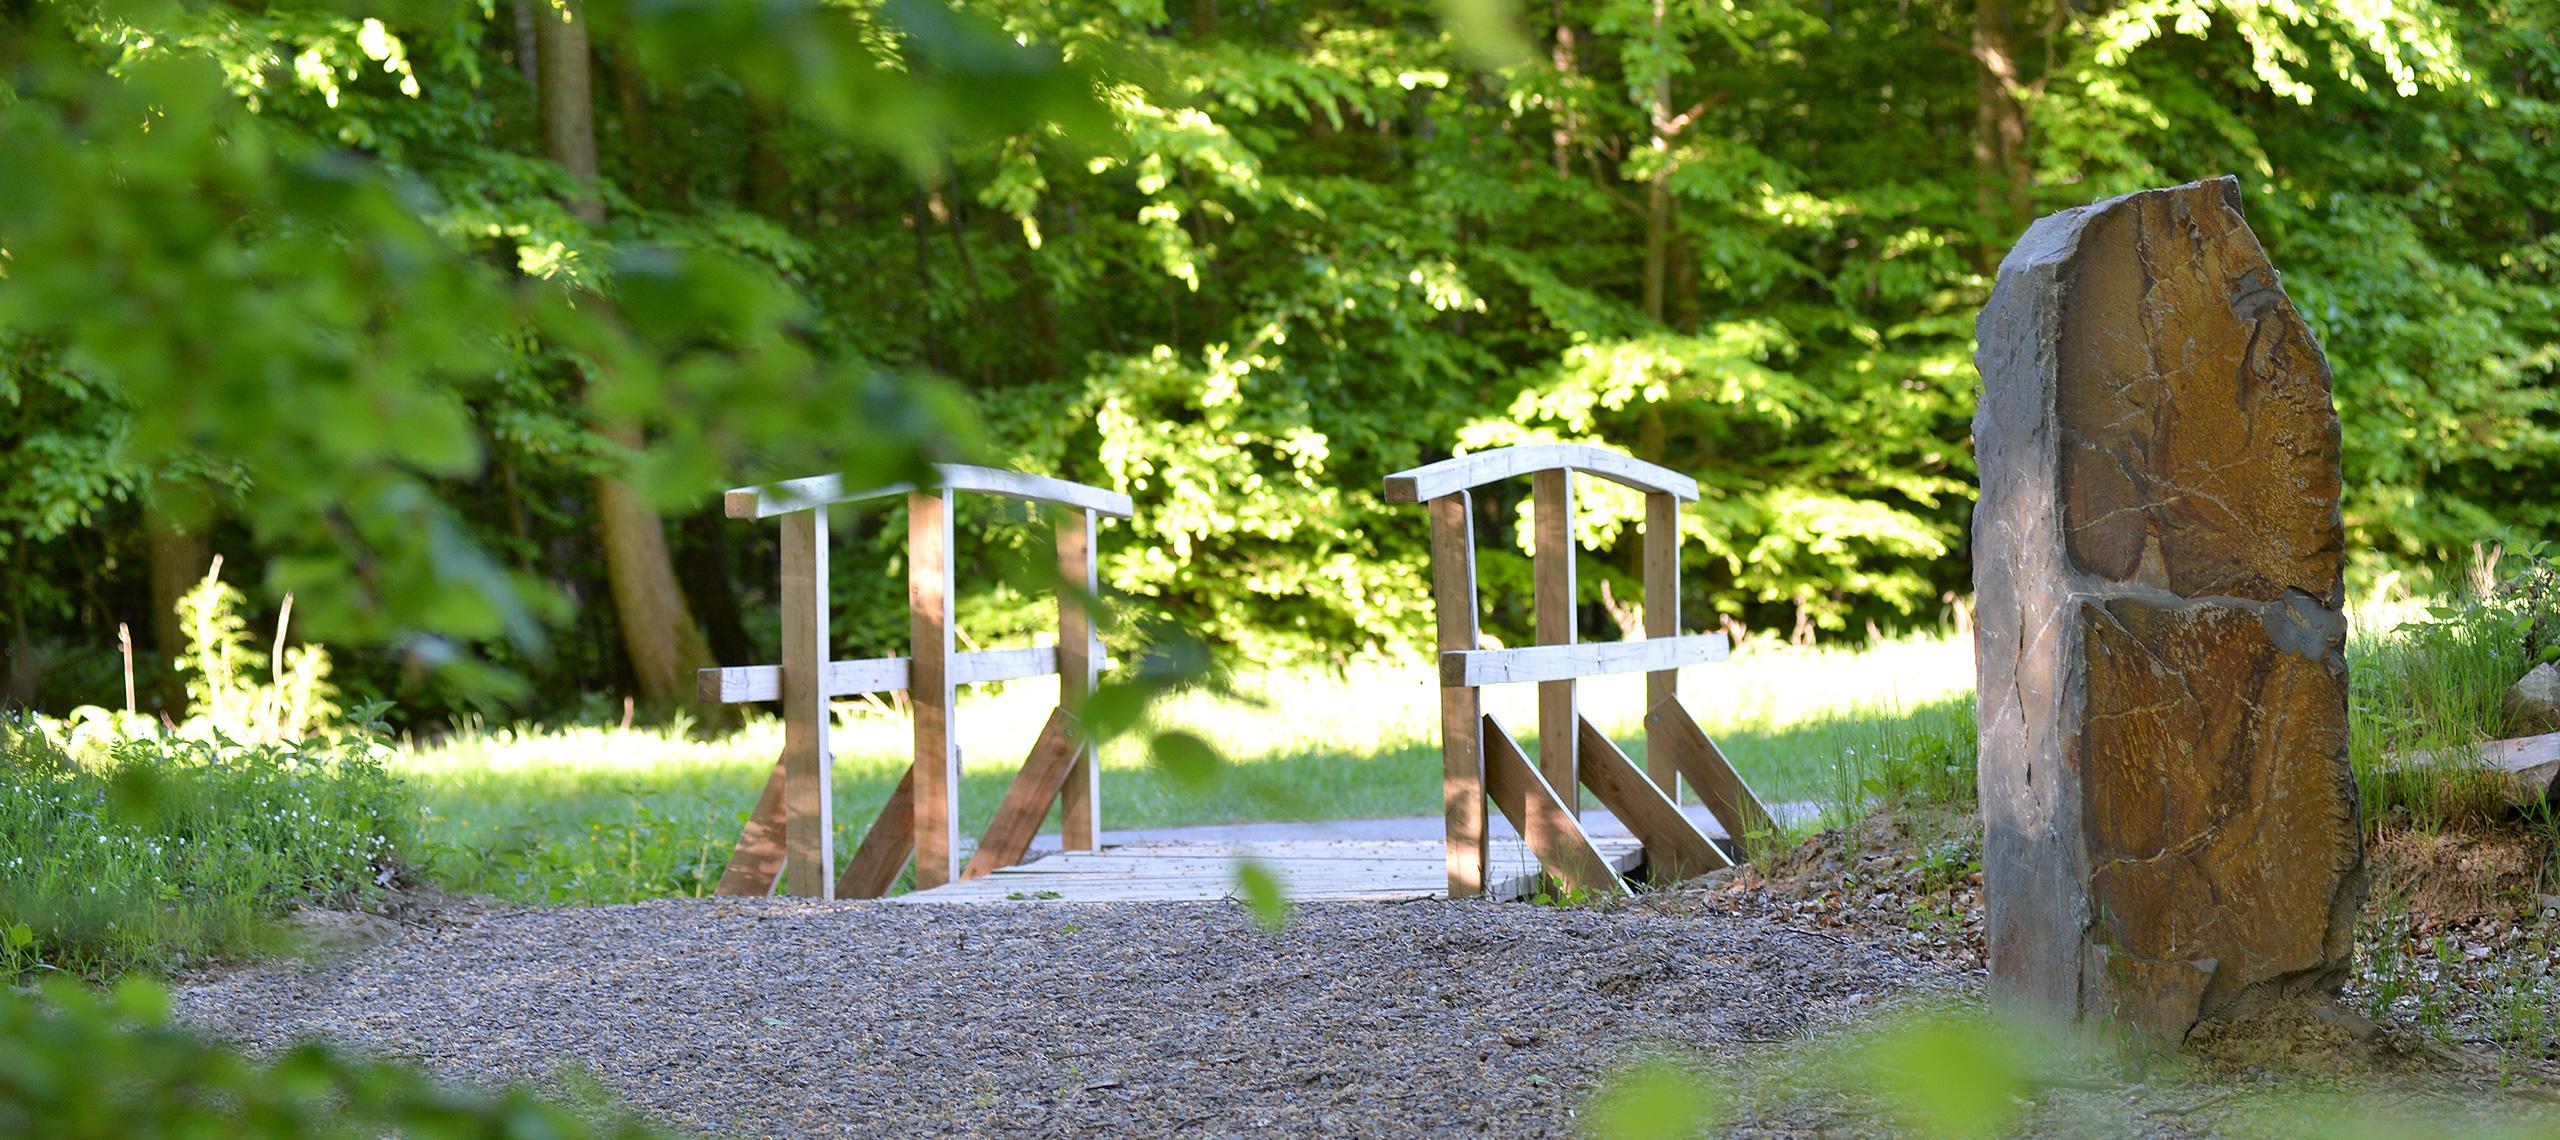 Brücke Naturbegräbnisstätte Vallis Rosarum